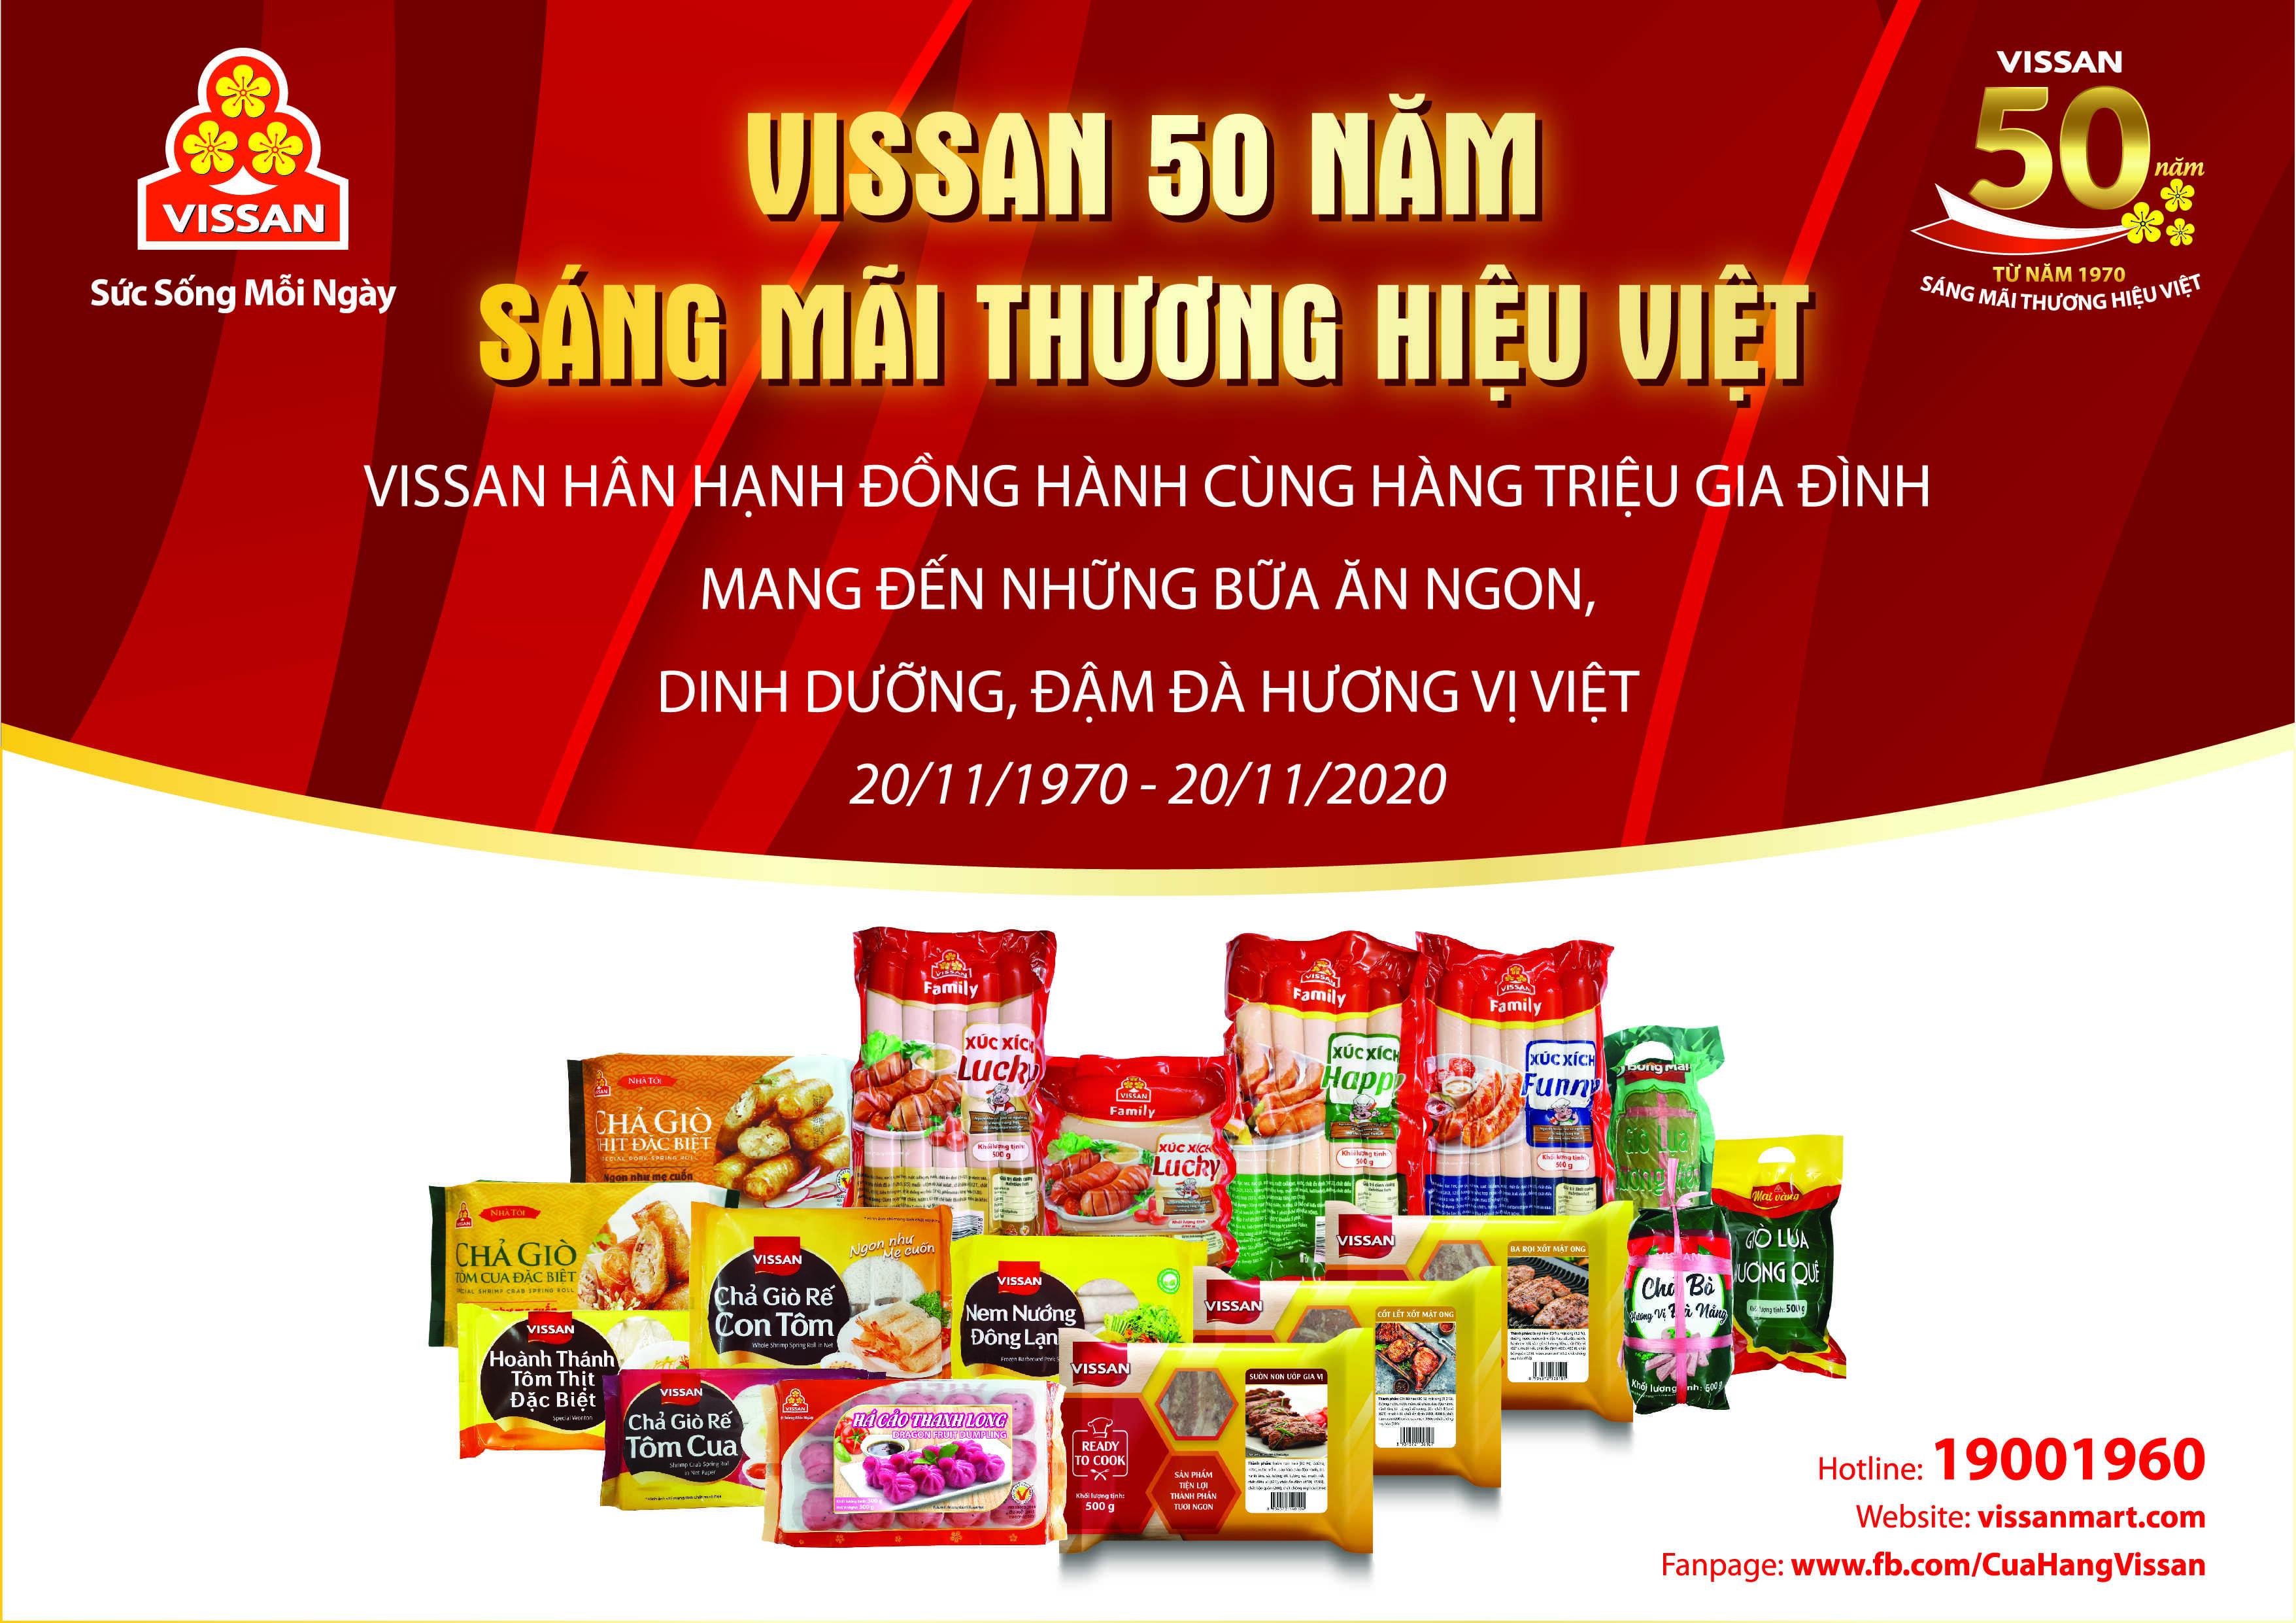 VISSAN - 50 Năm sáng mãi thương hiệu Việt